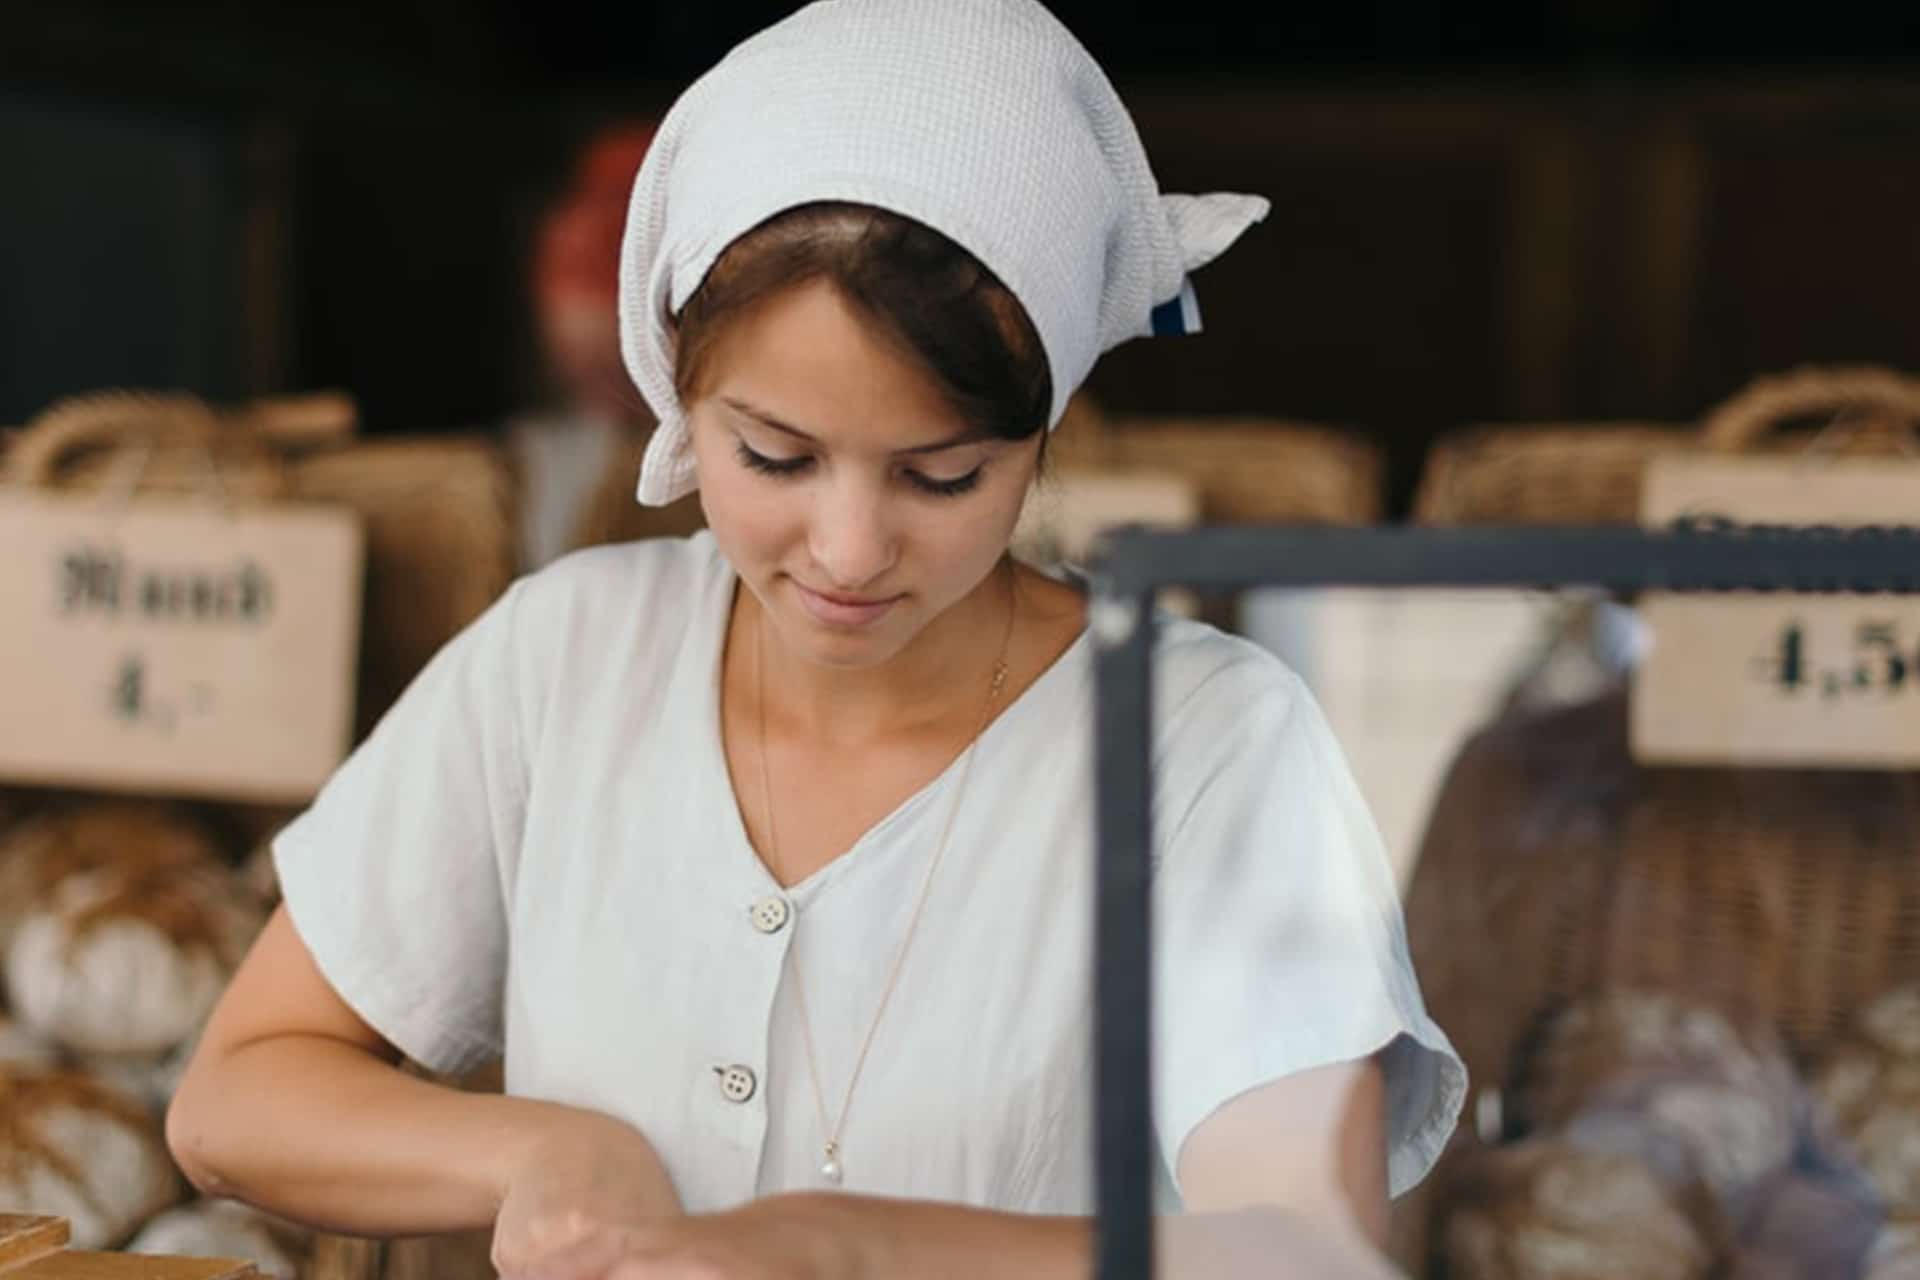 Assistant de Boulangerie